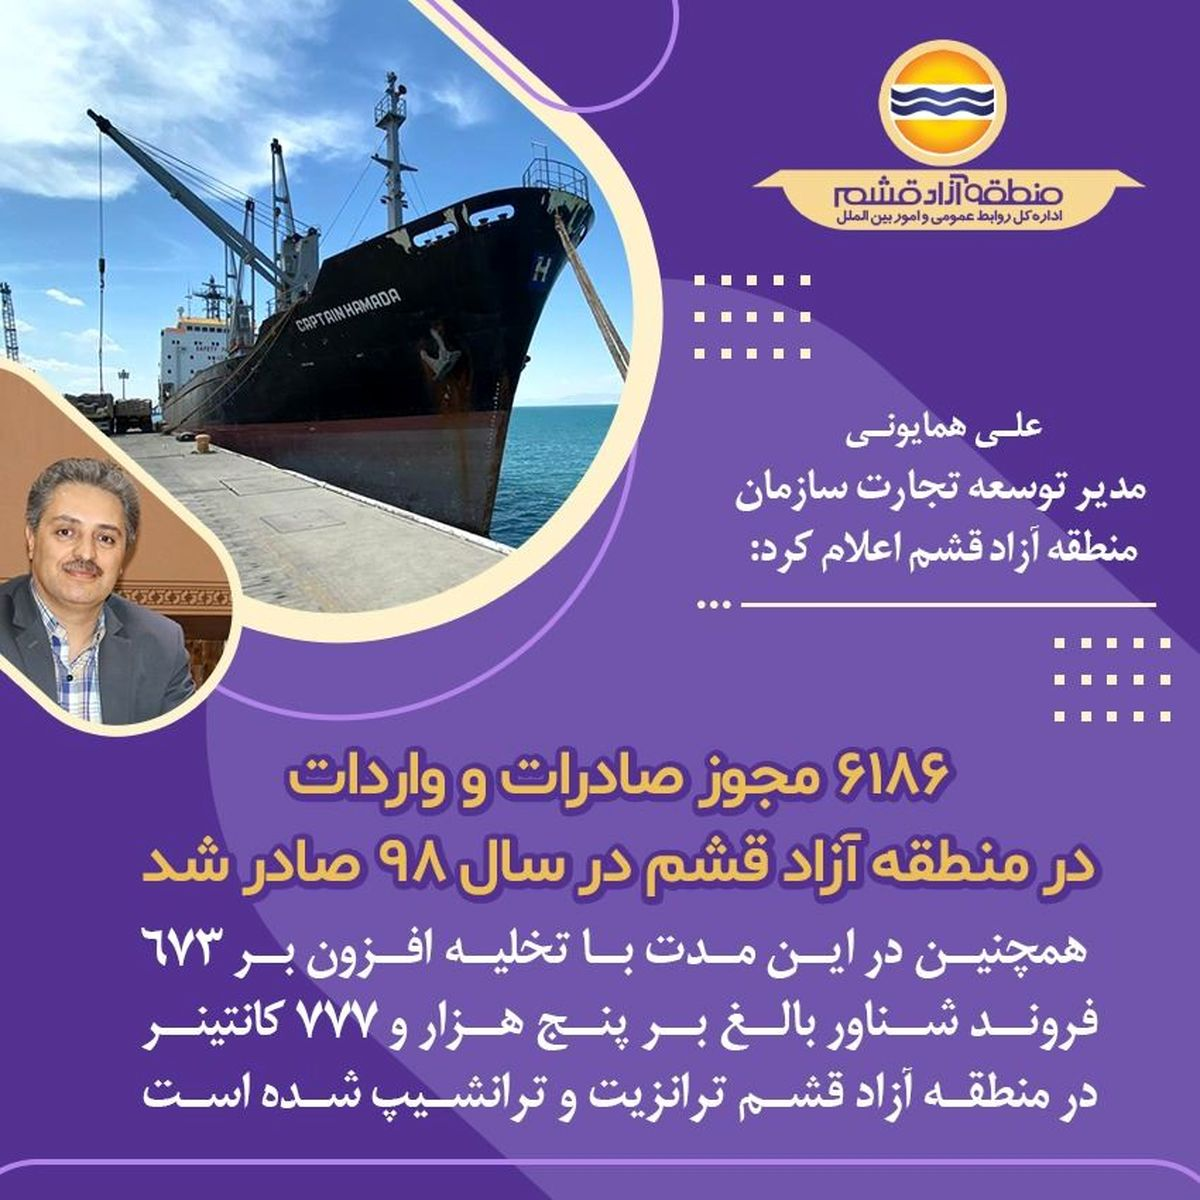 6186 مجوز صادرات و واردات در منطقه آزاد قشم در سال 98 صادر شد